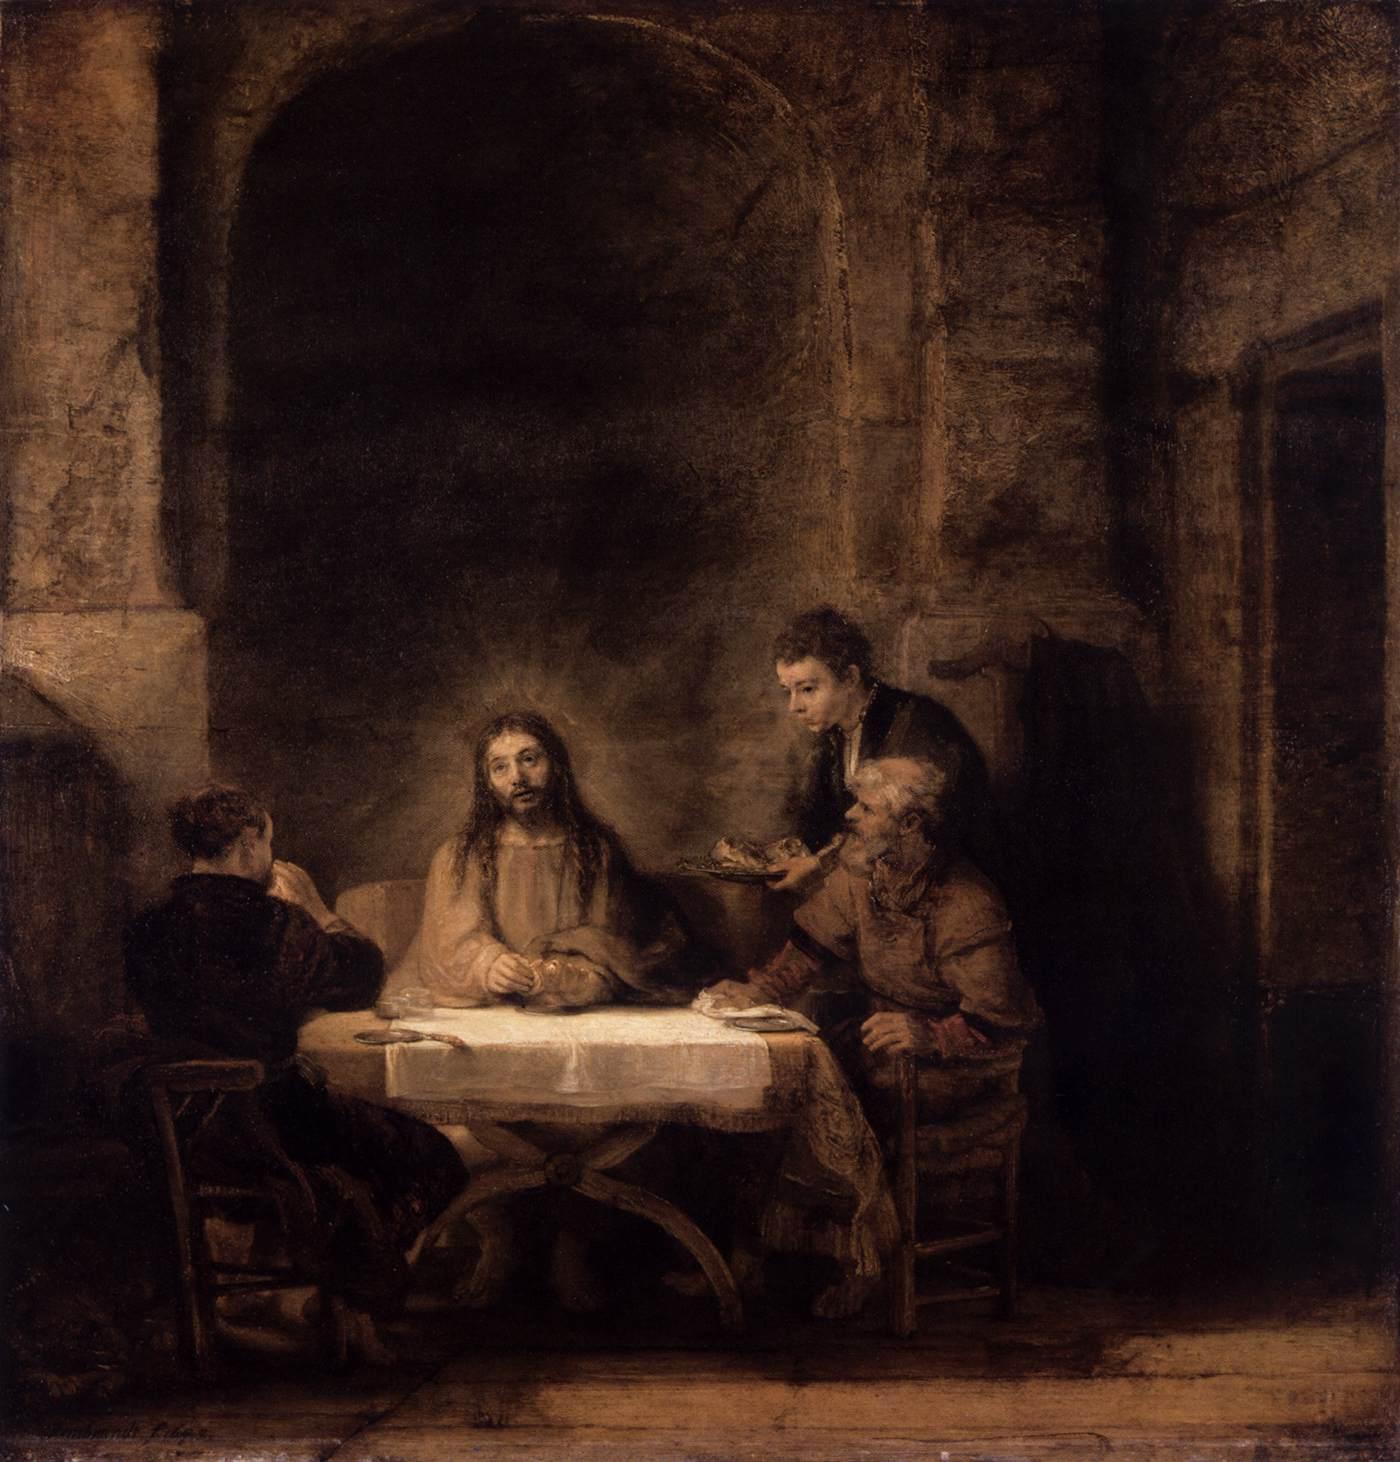 Schmidt-Degener-Rembrandt